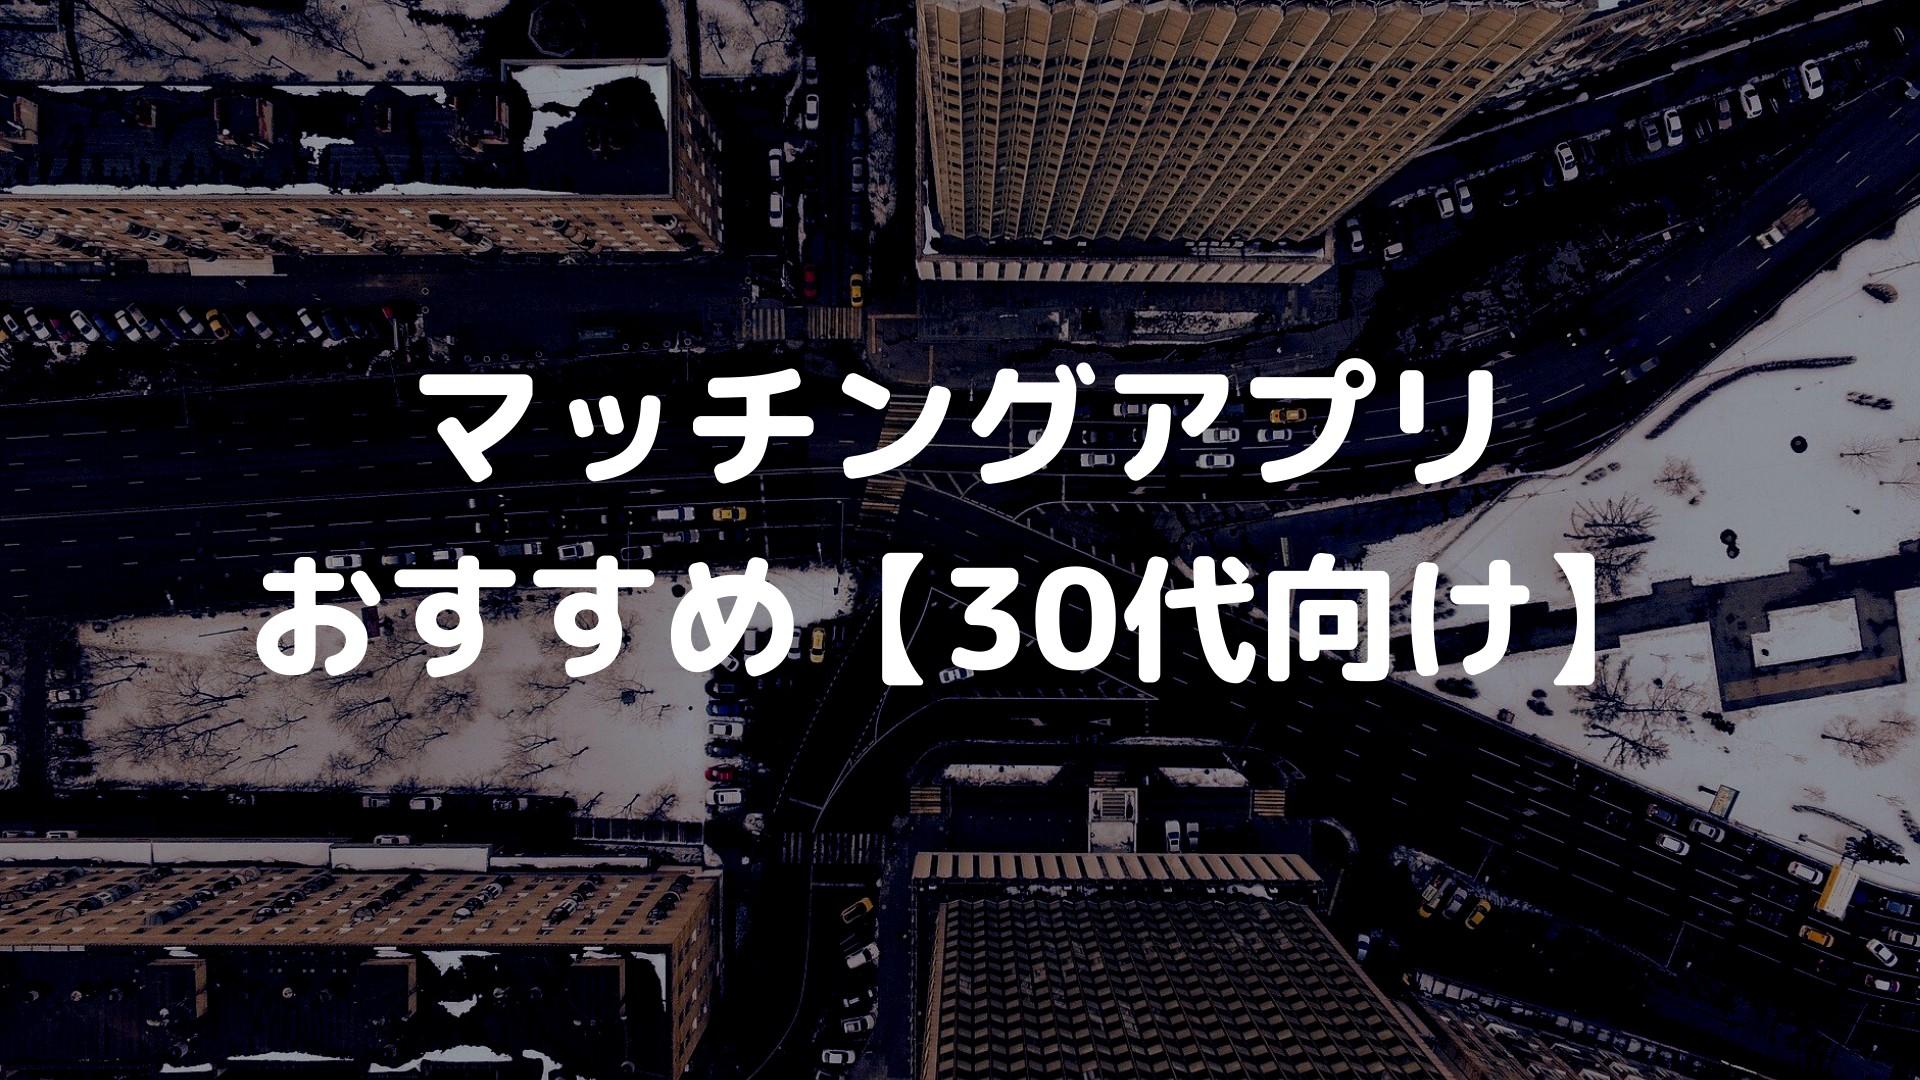 【恋活+婚活の両立のススメ】30代におすすめのマッチングアプリと選び方